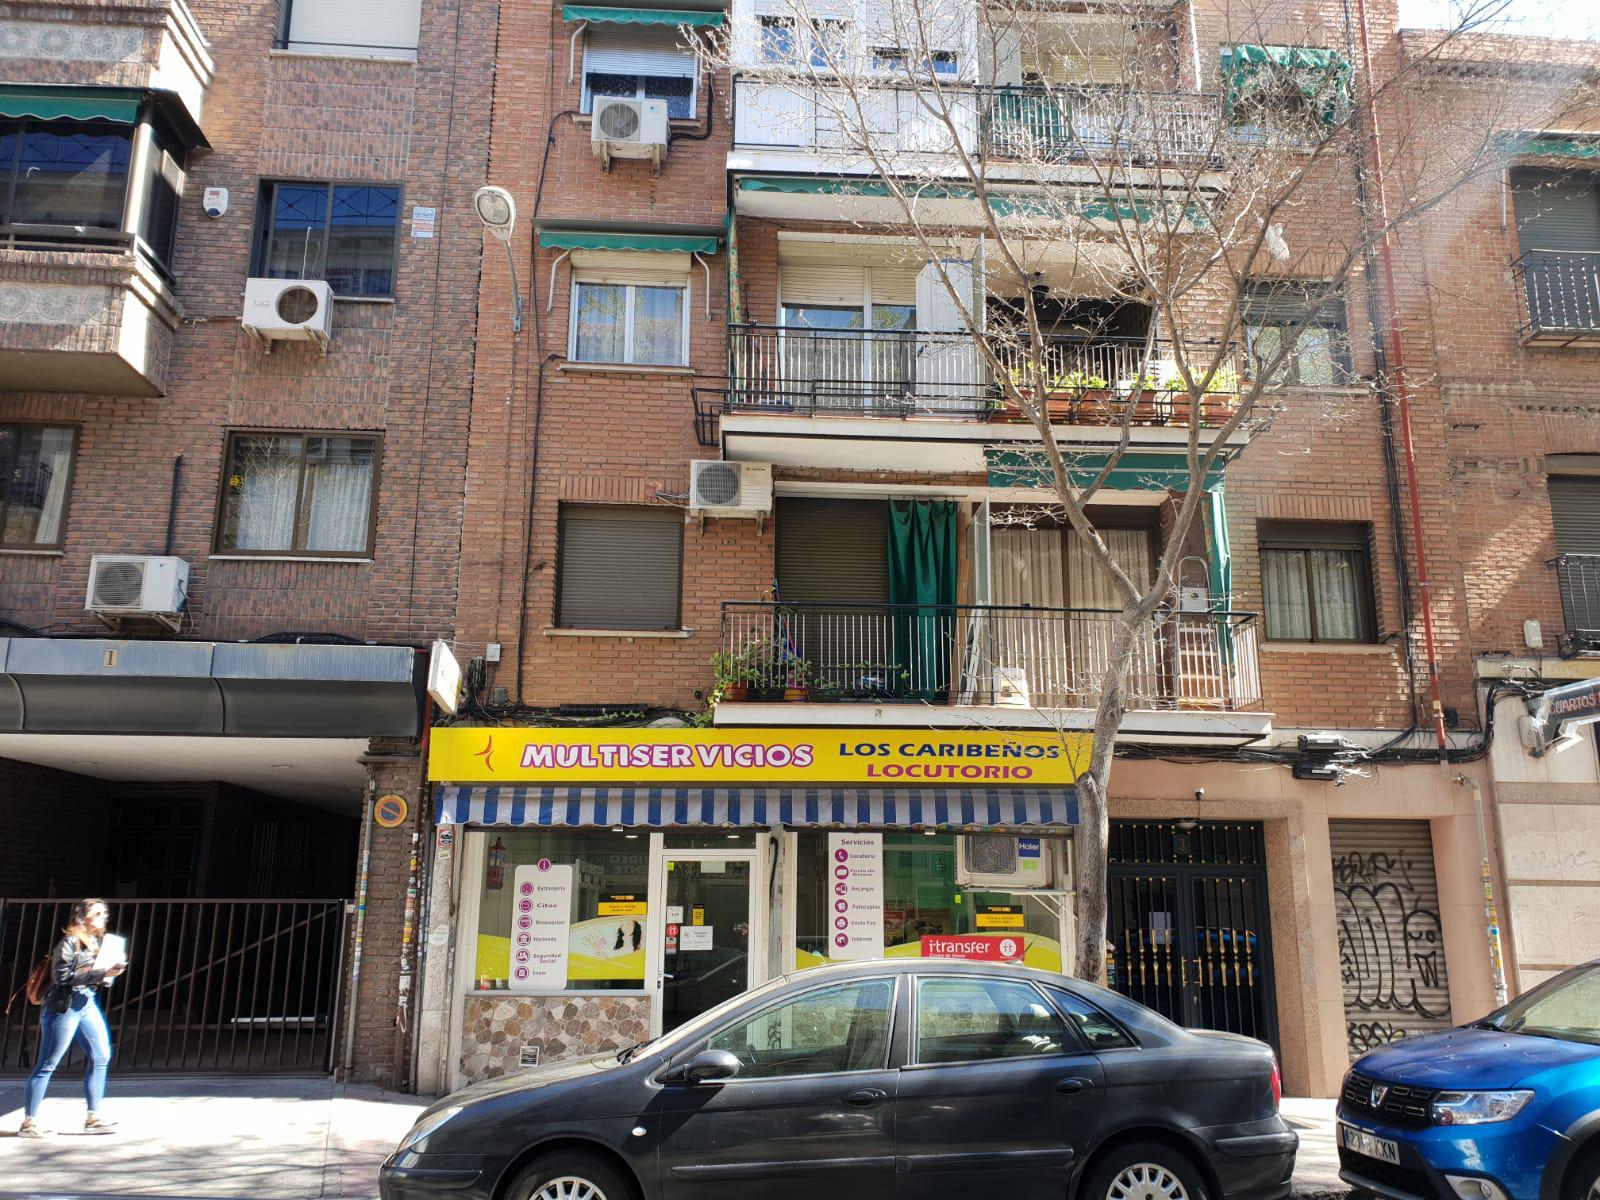 221715 - Muy cerca de la Calle Alcalá, barrio bien consolidado.